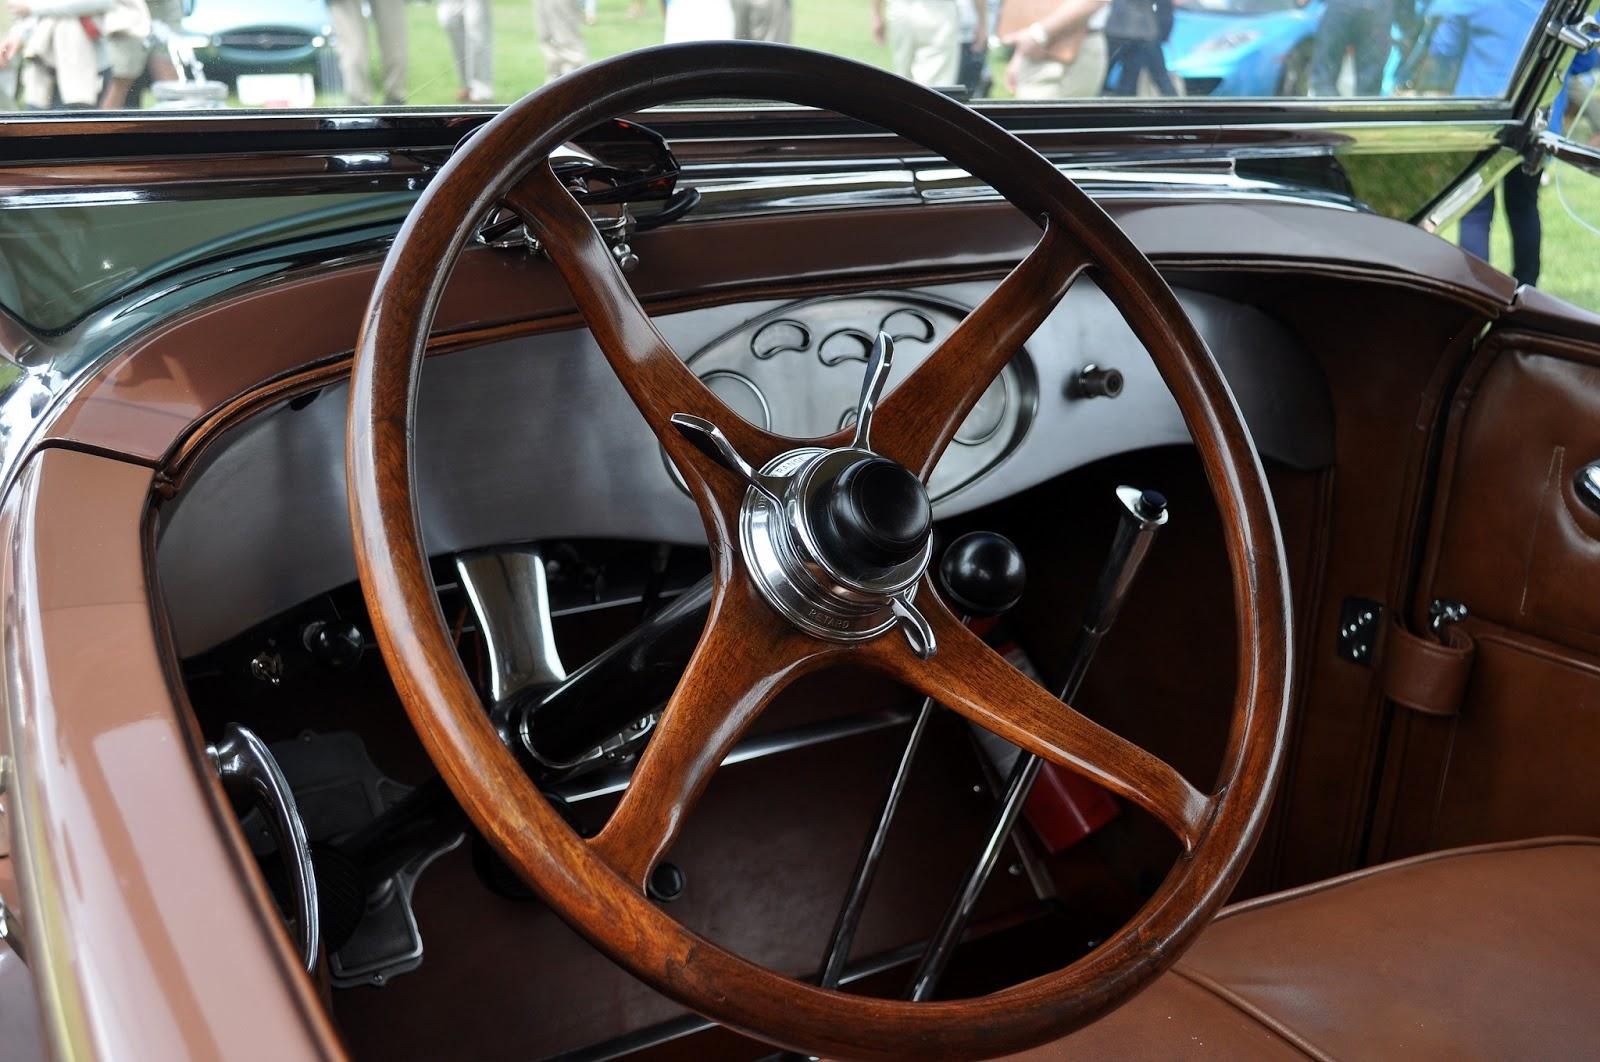 Alfa romeo giulia 1600 super 1970 10